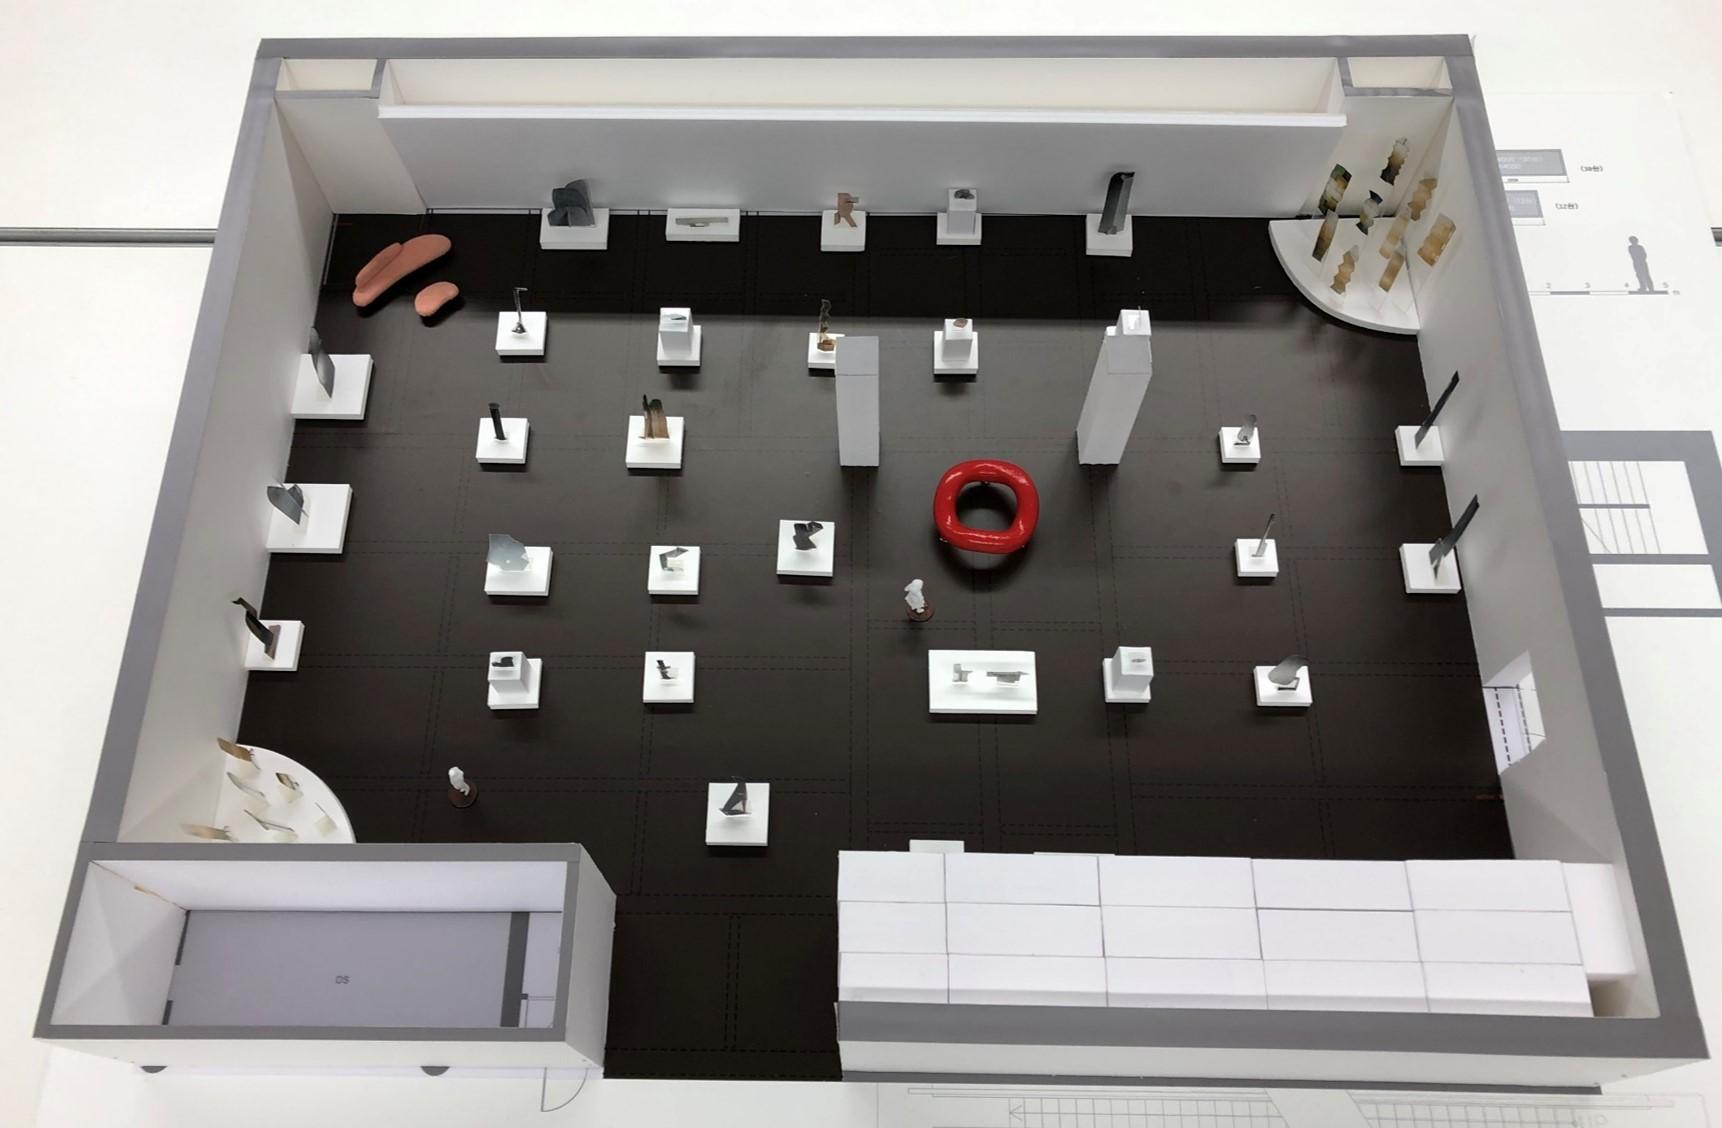 「イサム・ノグチ 発見の道」展示イメージ(模型) (オフィシャル提供)